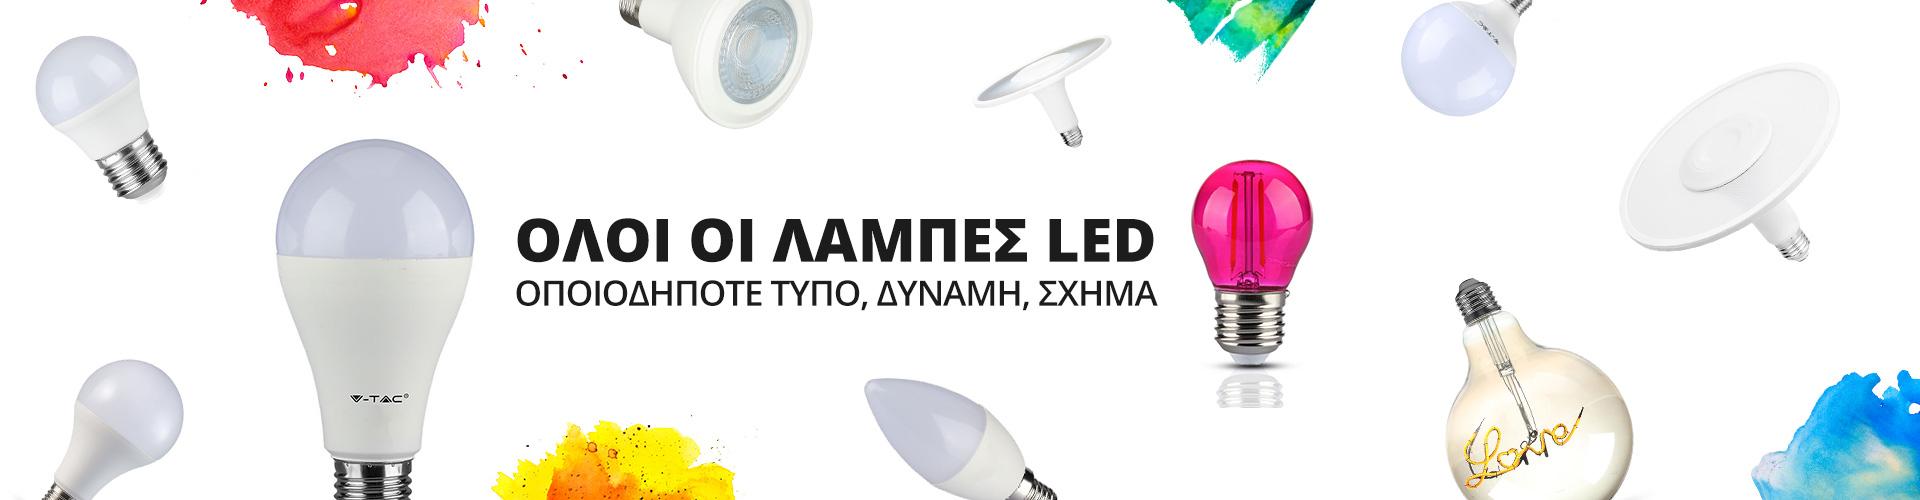 2-all-bulbs-gr